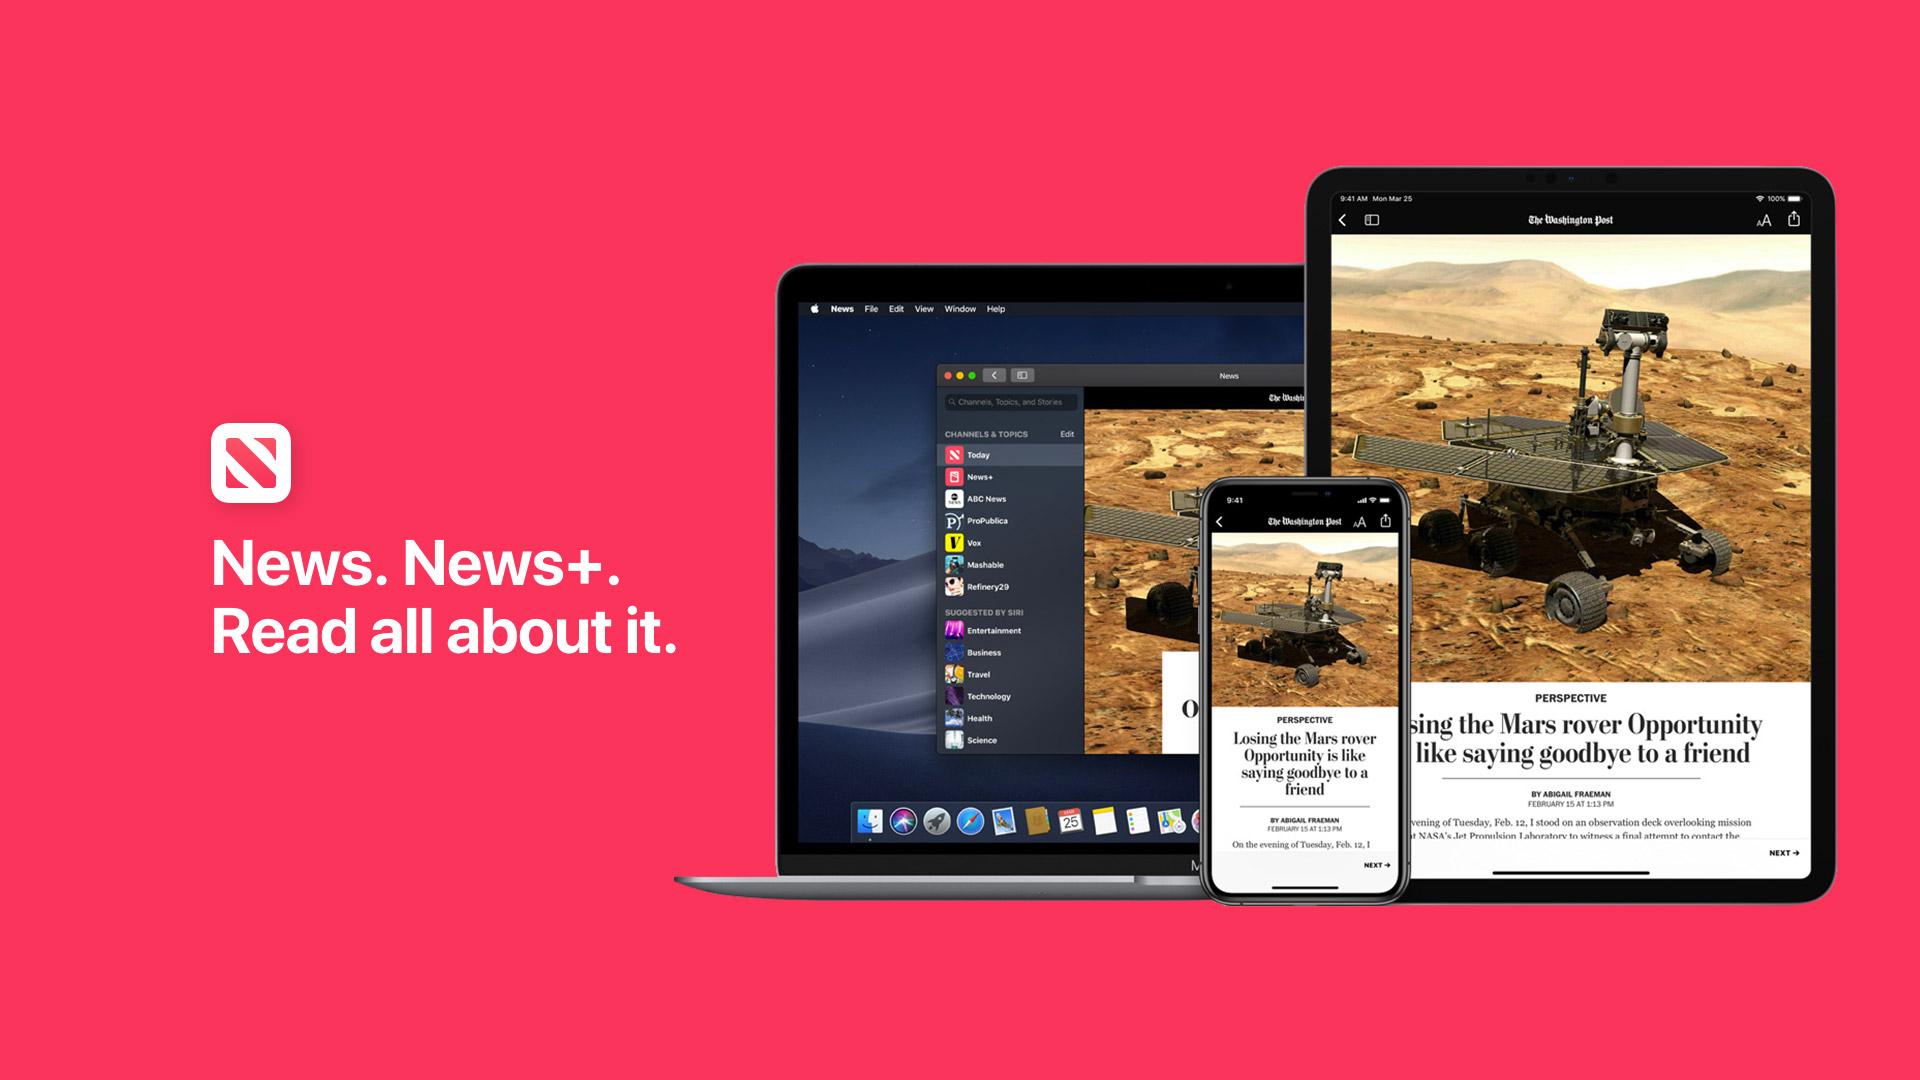 Dịch vụ Apple News+ đã bị hack ngay sau khi ra mắt